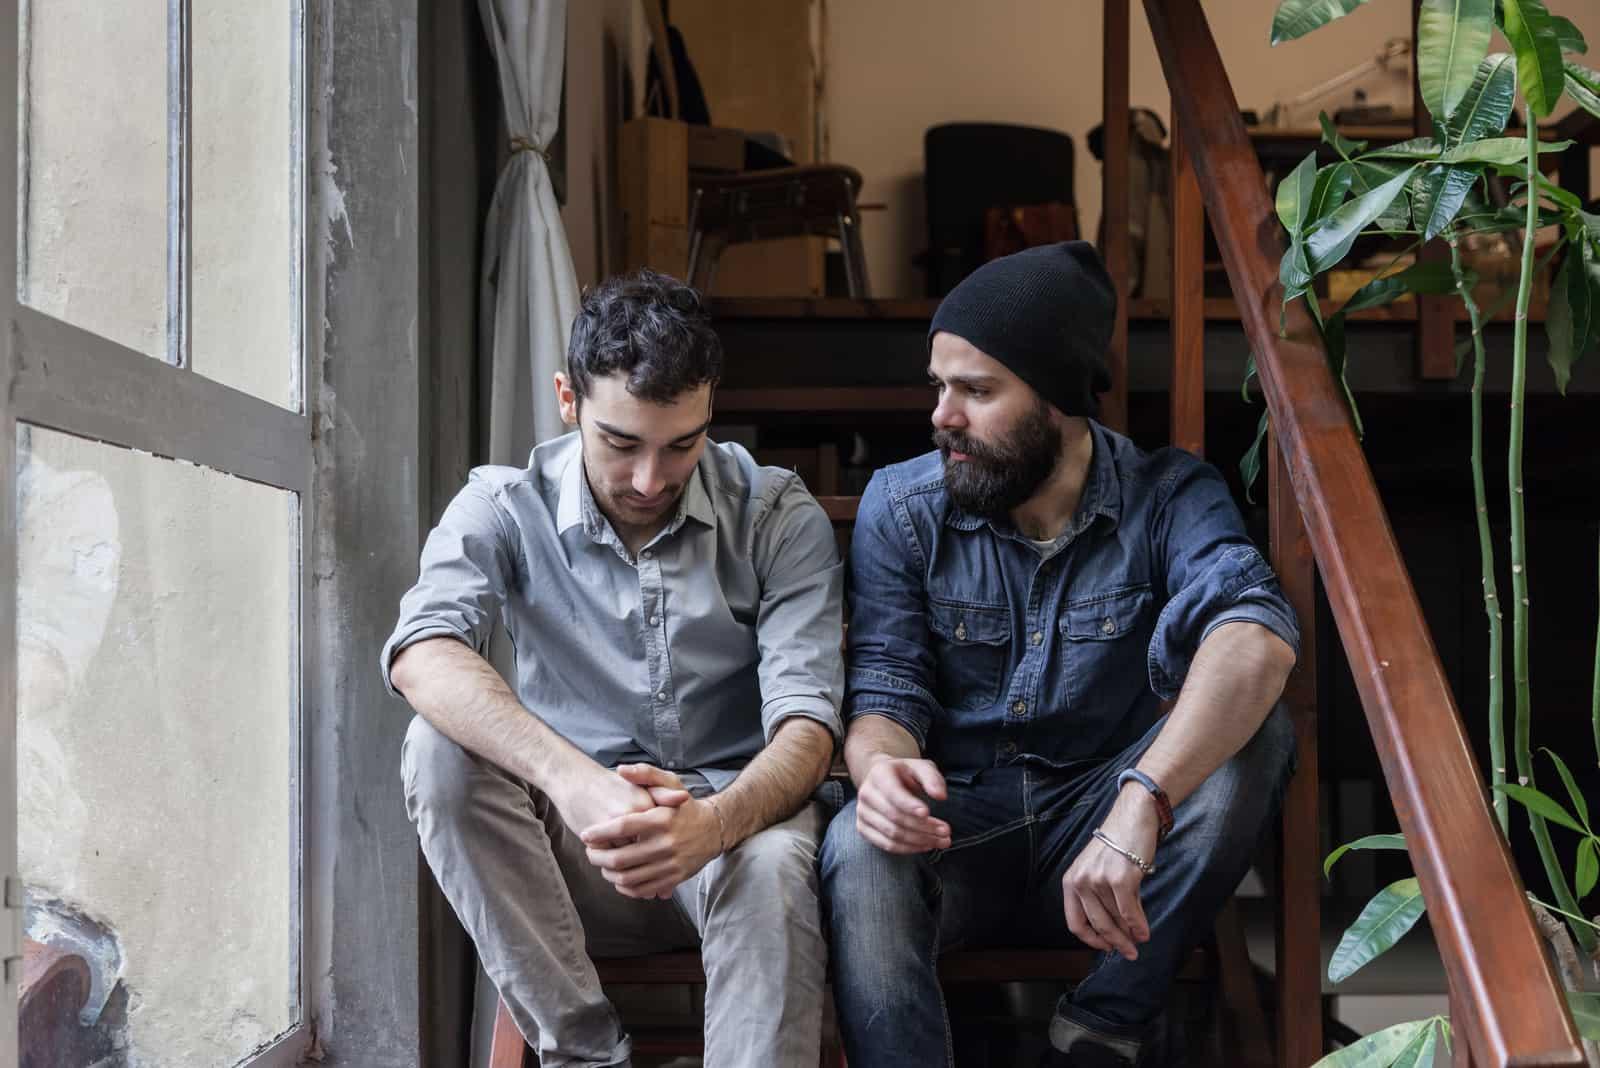 Männer reden auf der Treppe eines Büros